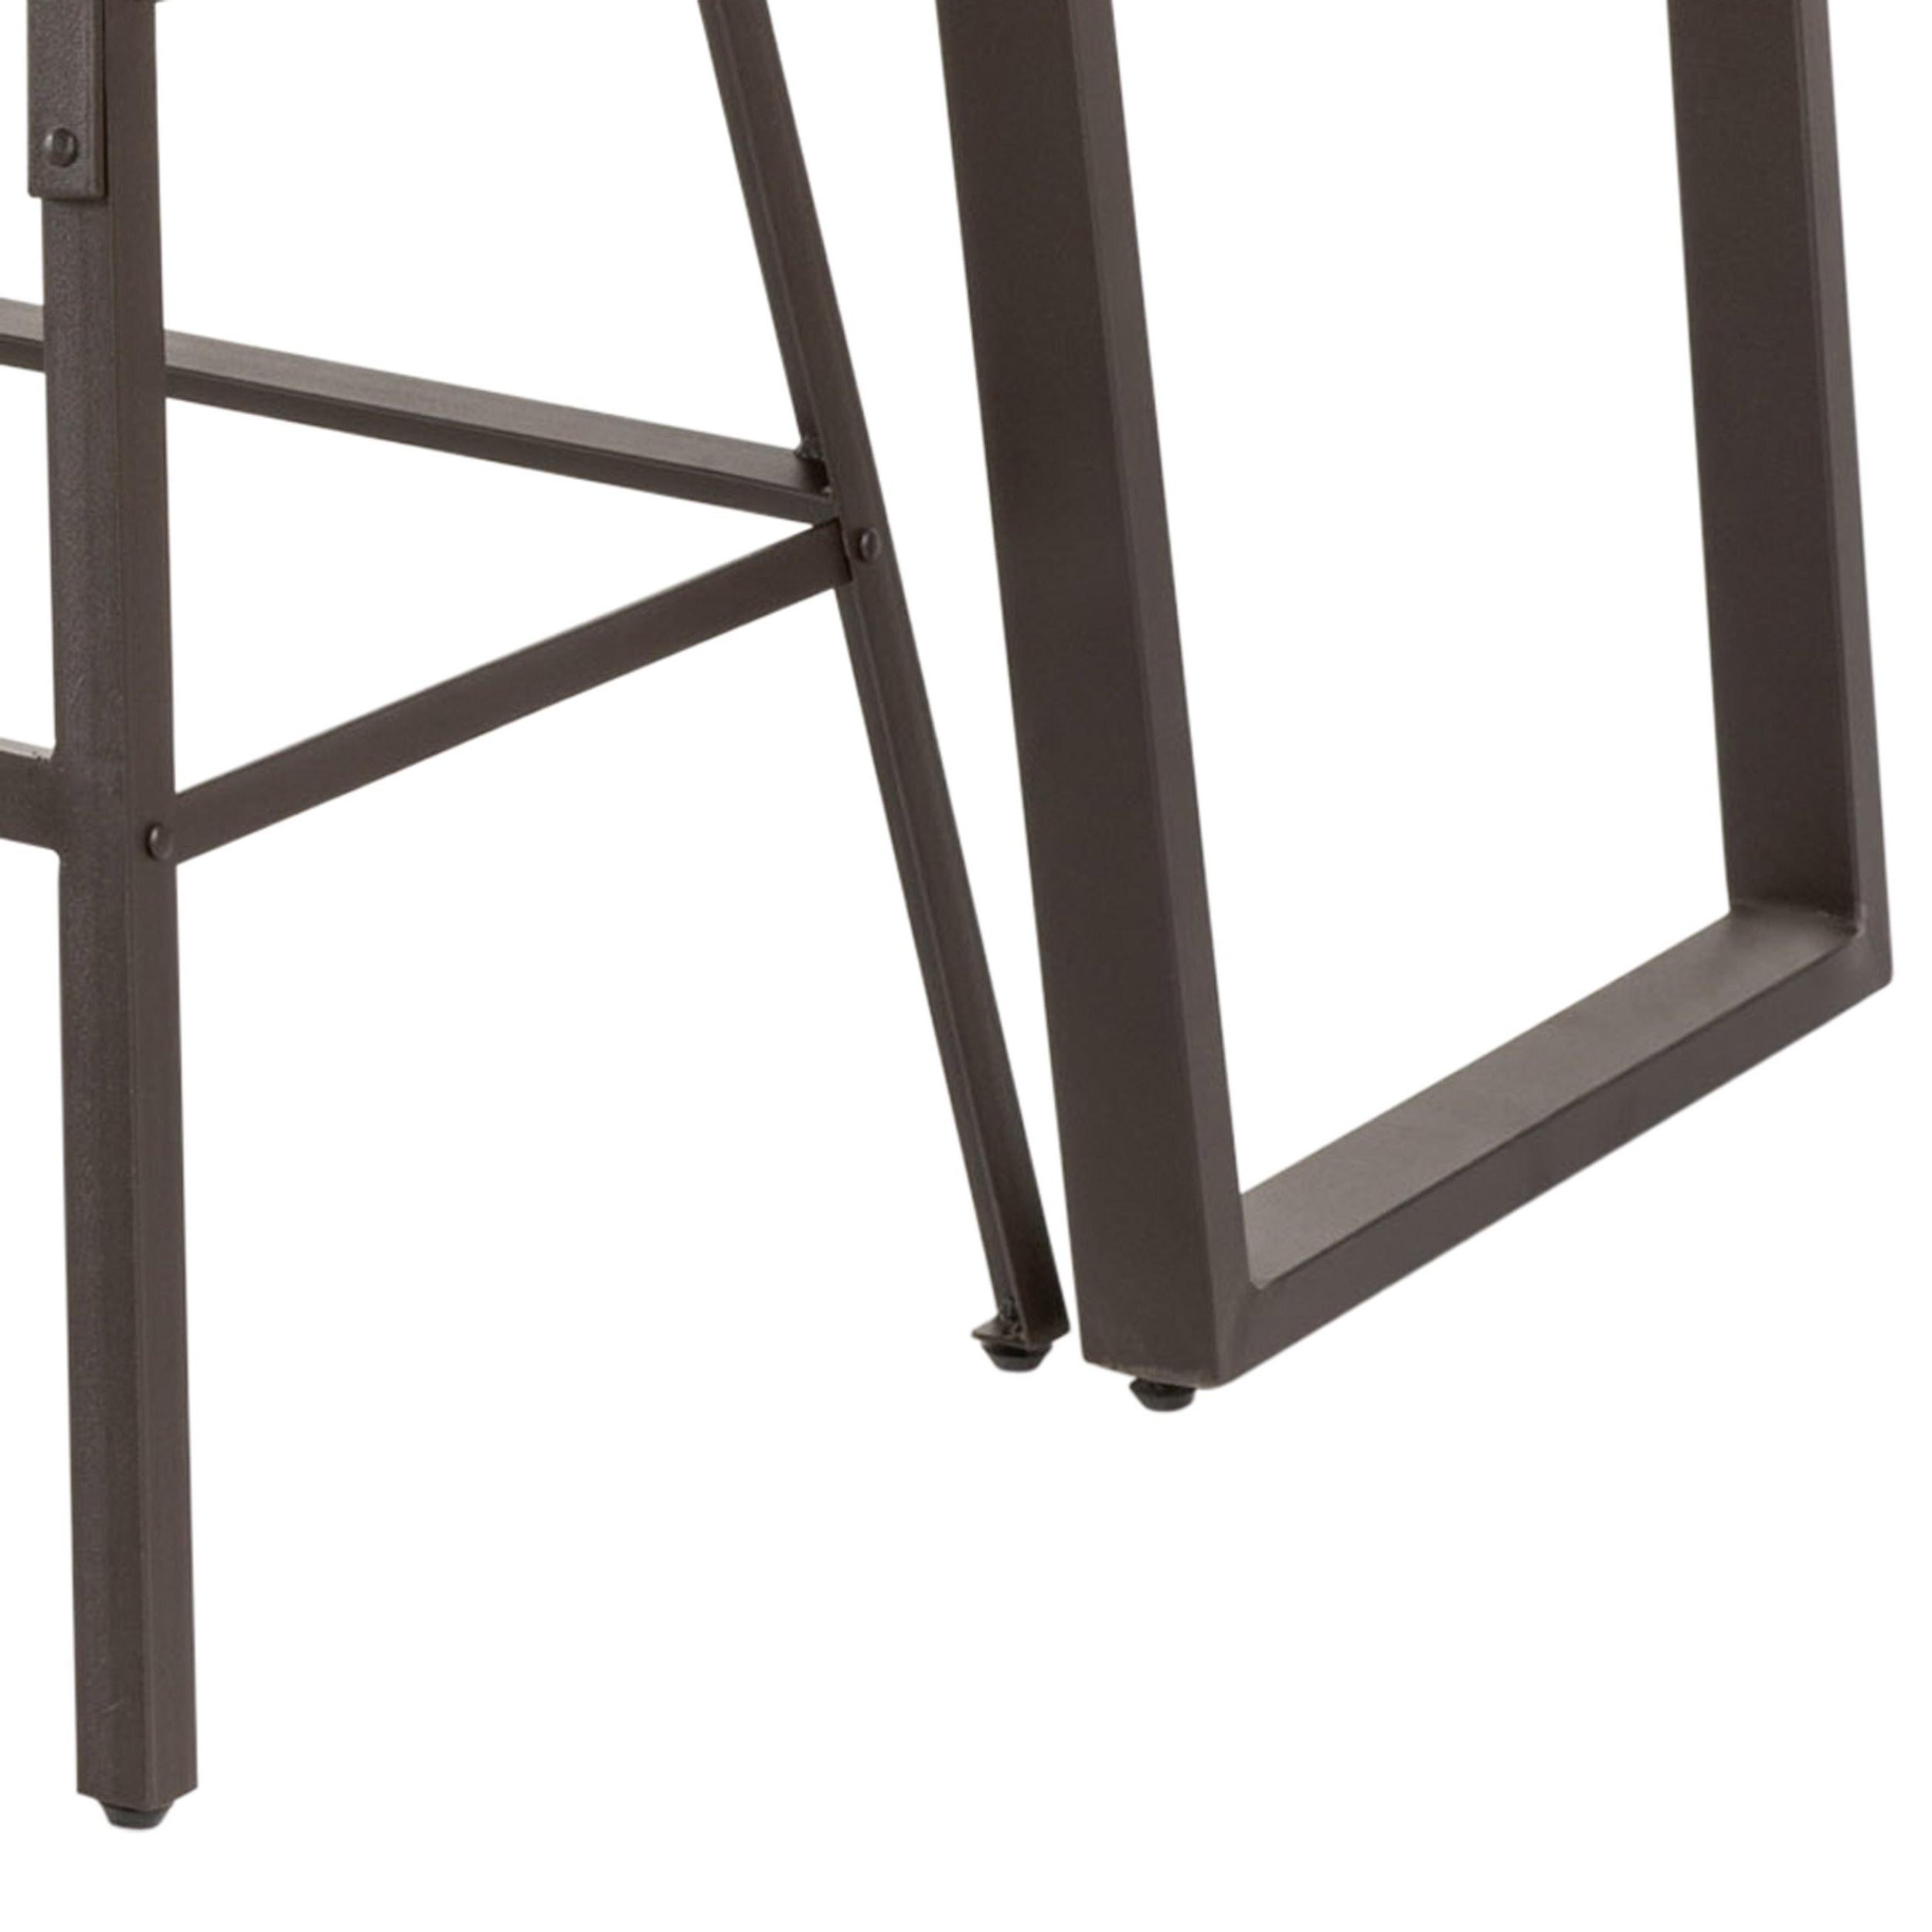 Current Kaya 3 Piece Dining Sets Regarding Shop Ramona 3 Piece Acacia Wood Bar Setchristopher Knight Home (View 6 of 25)